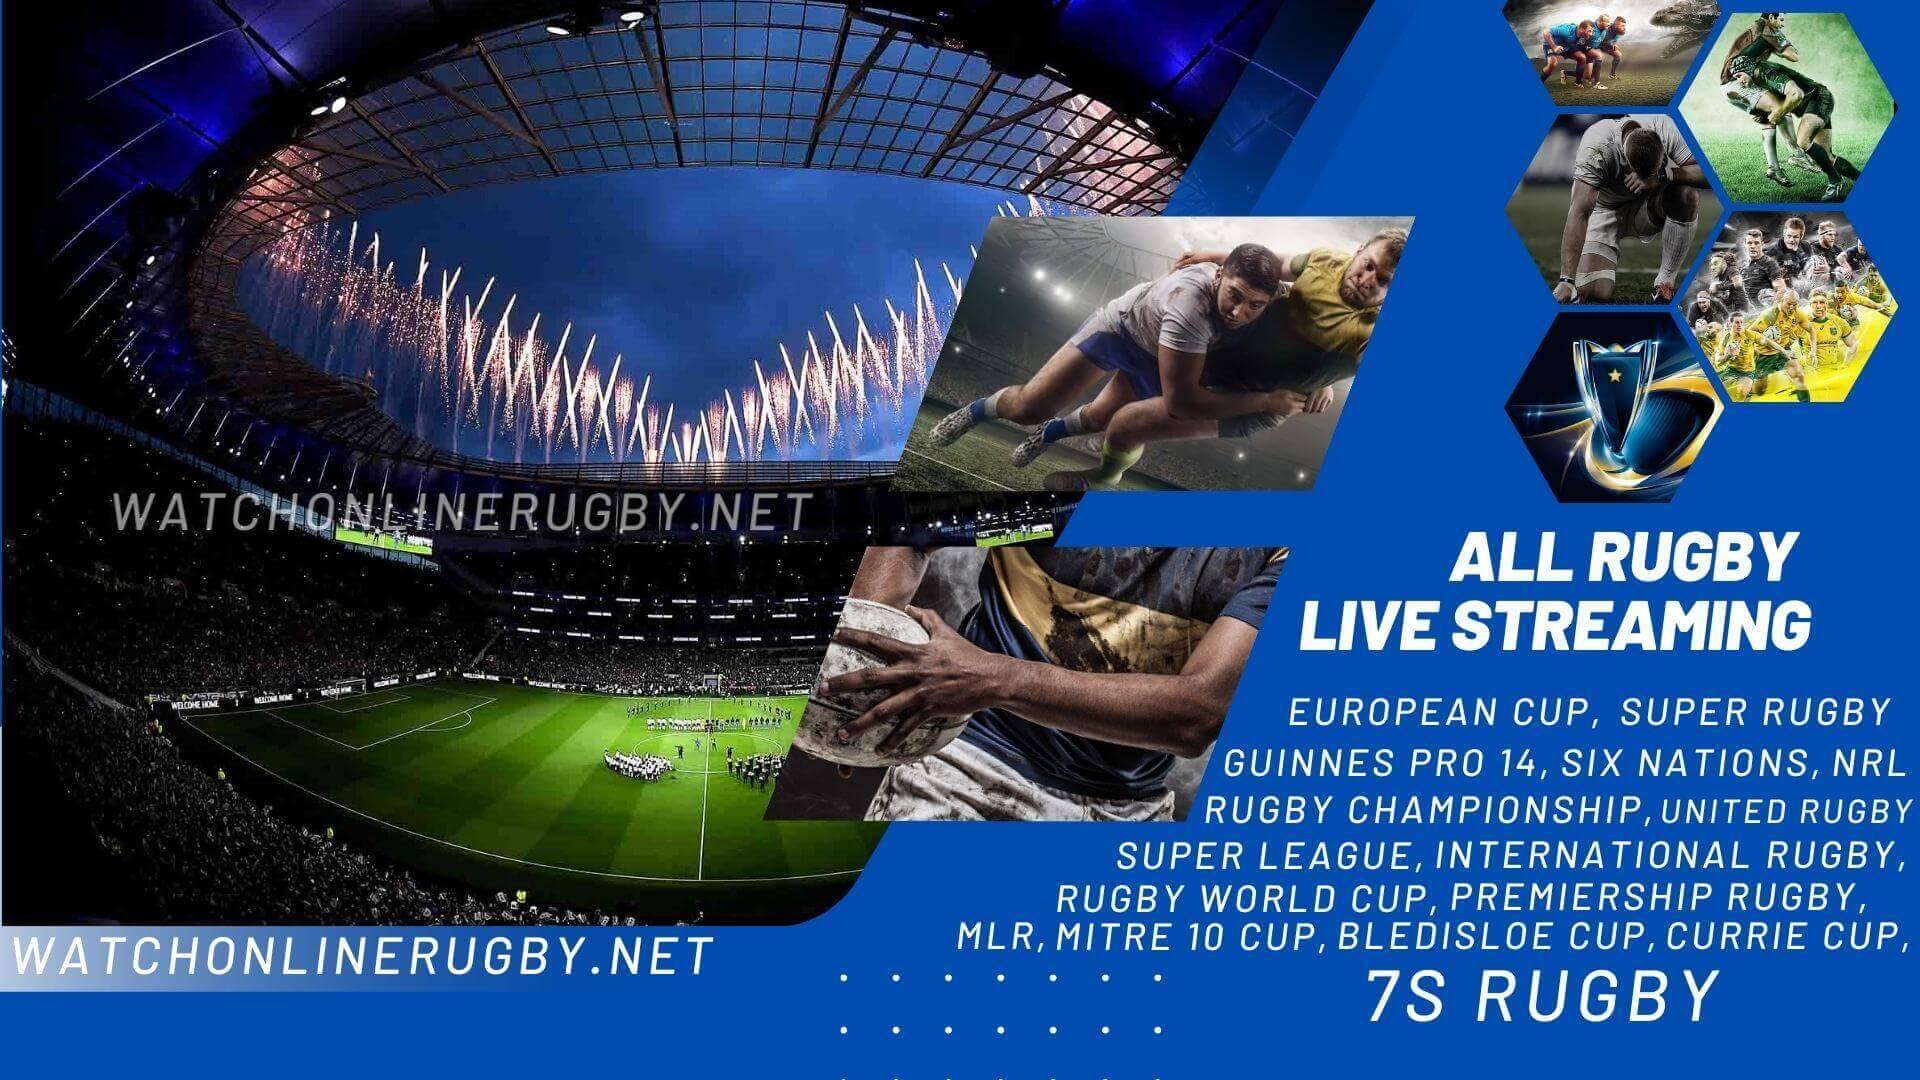 harlequins-vs-saracens-aviva-rugby-live